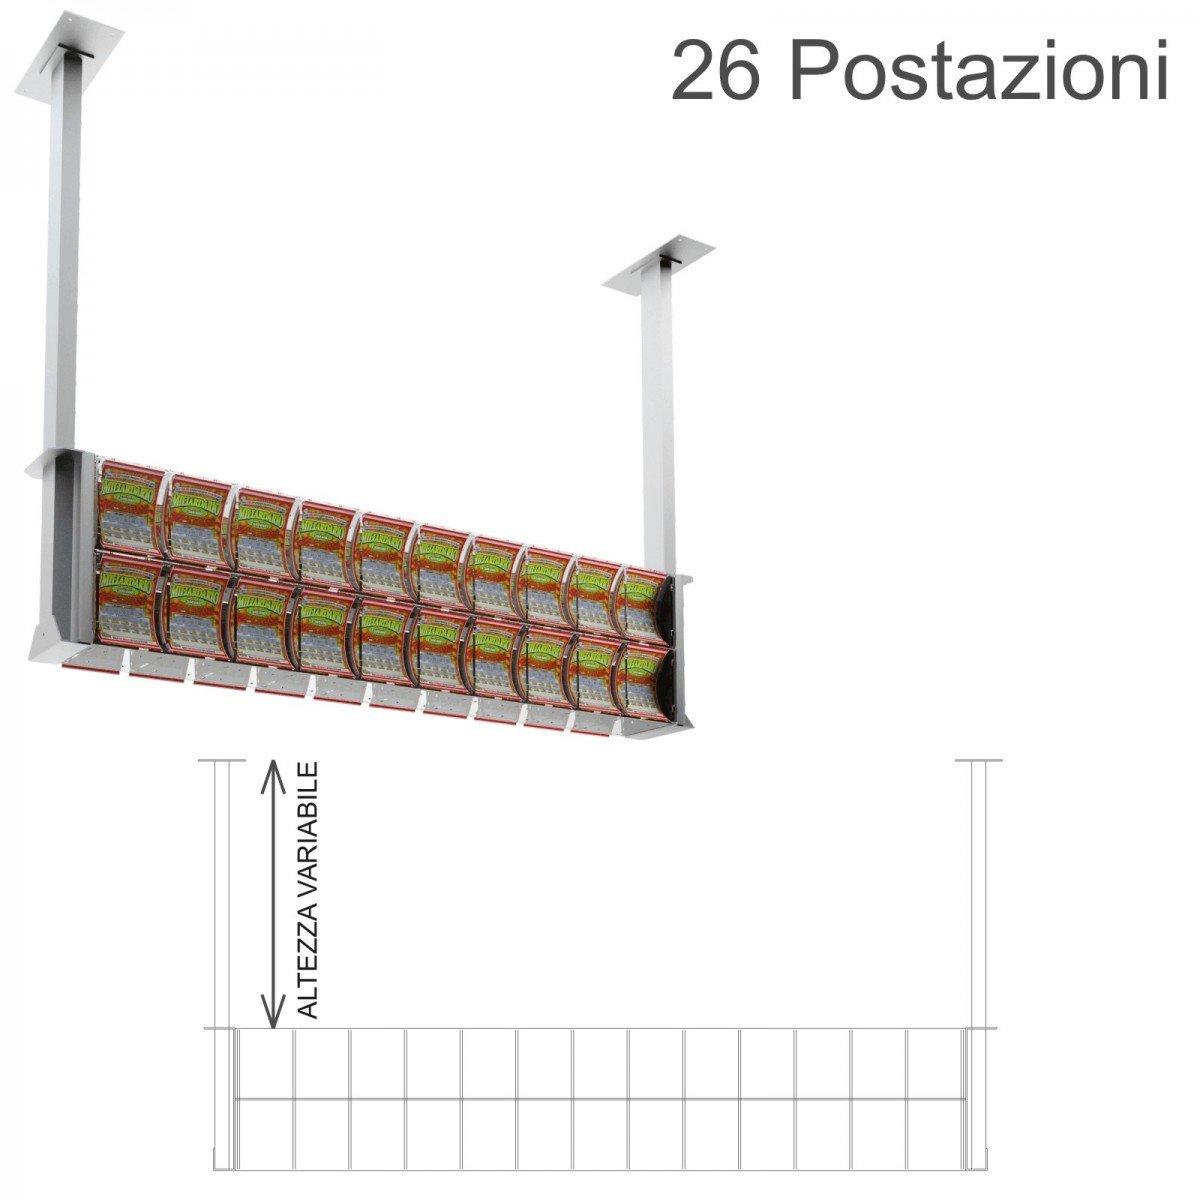 Espositore gratta e vinci da soffitto in plexiglass trasparente a 26 contenitori munito di sportellino frontale lato rivenditore